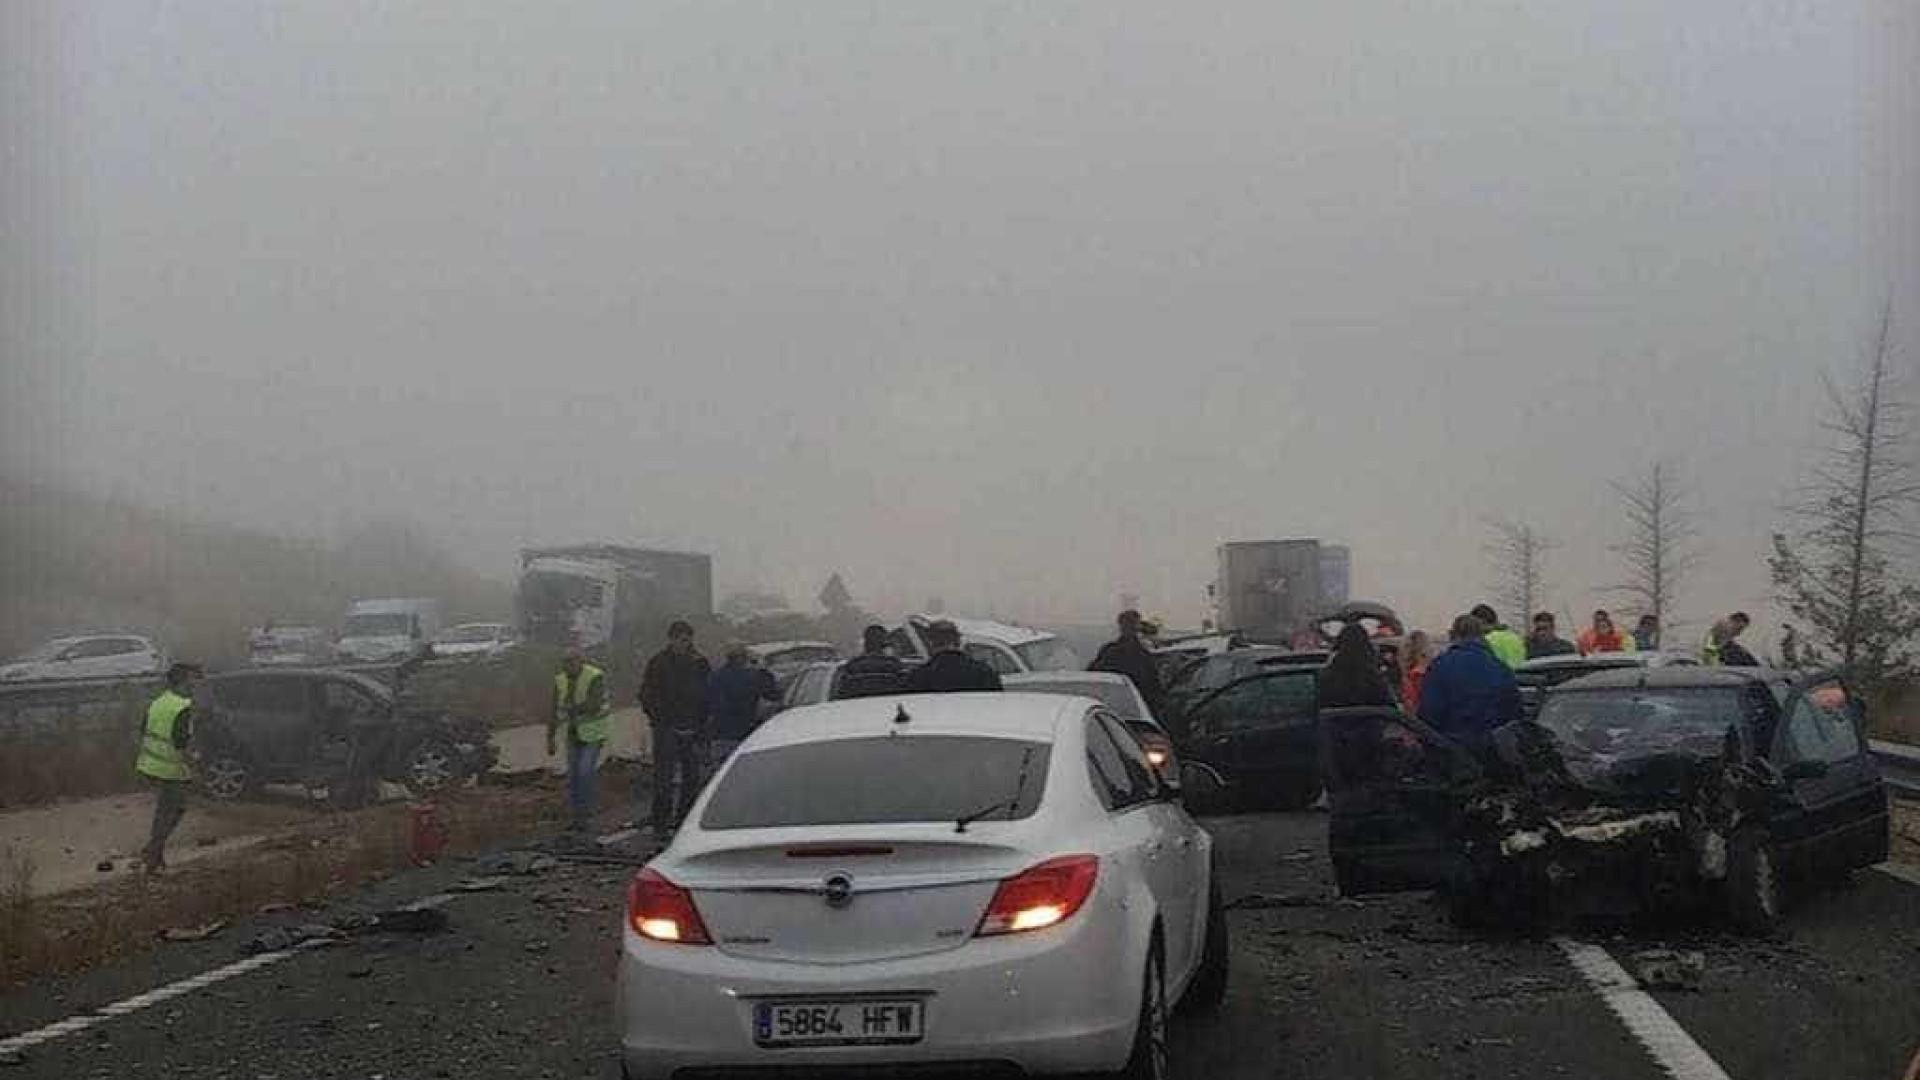 Vídeo: Português morre em acidente com 45 carros em Espanha